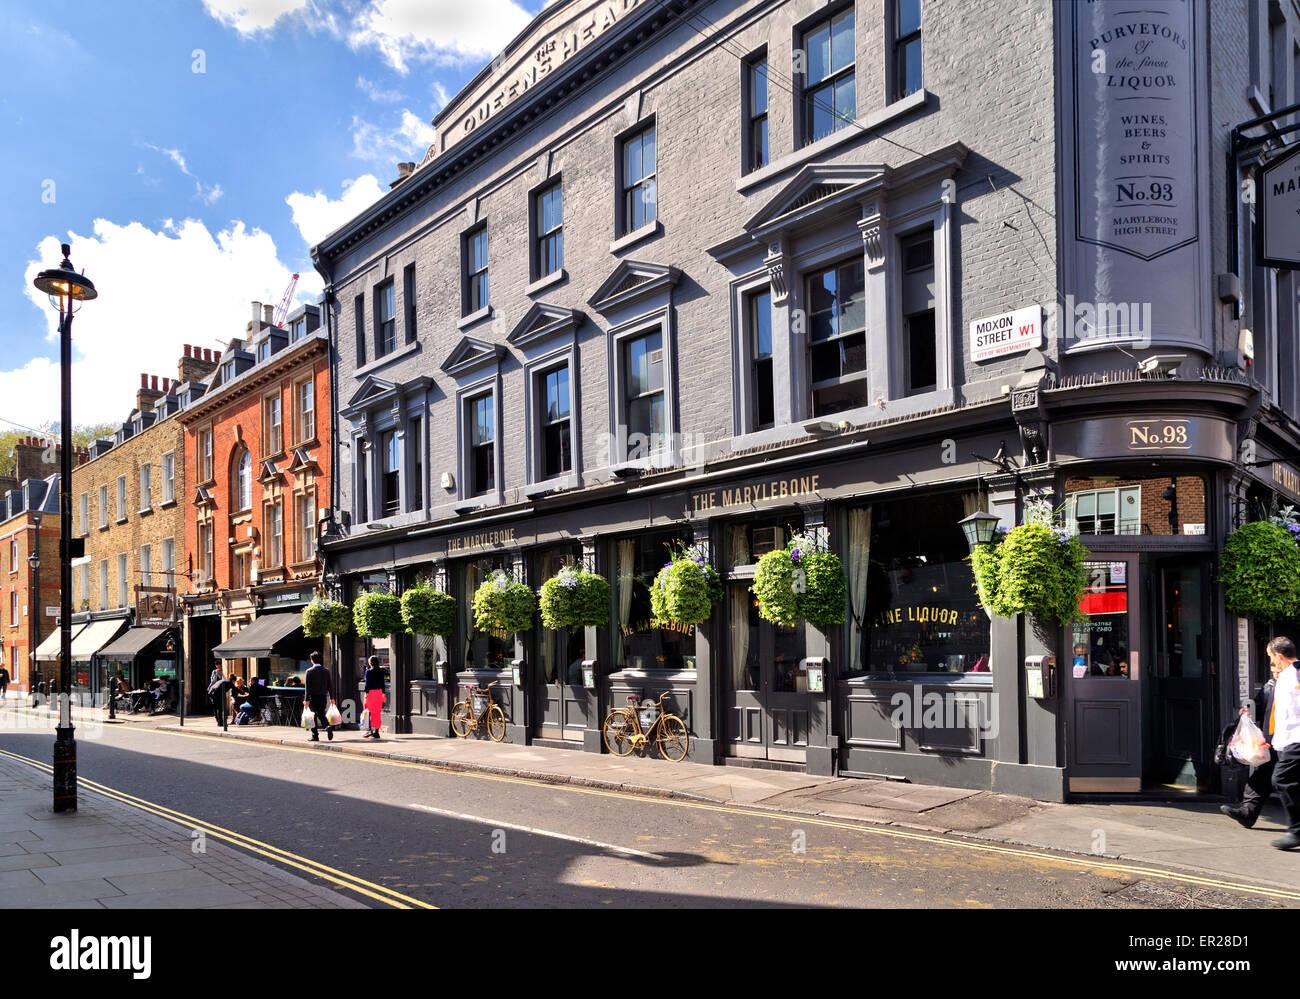 the marylebone pub stock photos u0026 the marylebone pub stock images